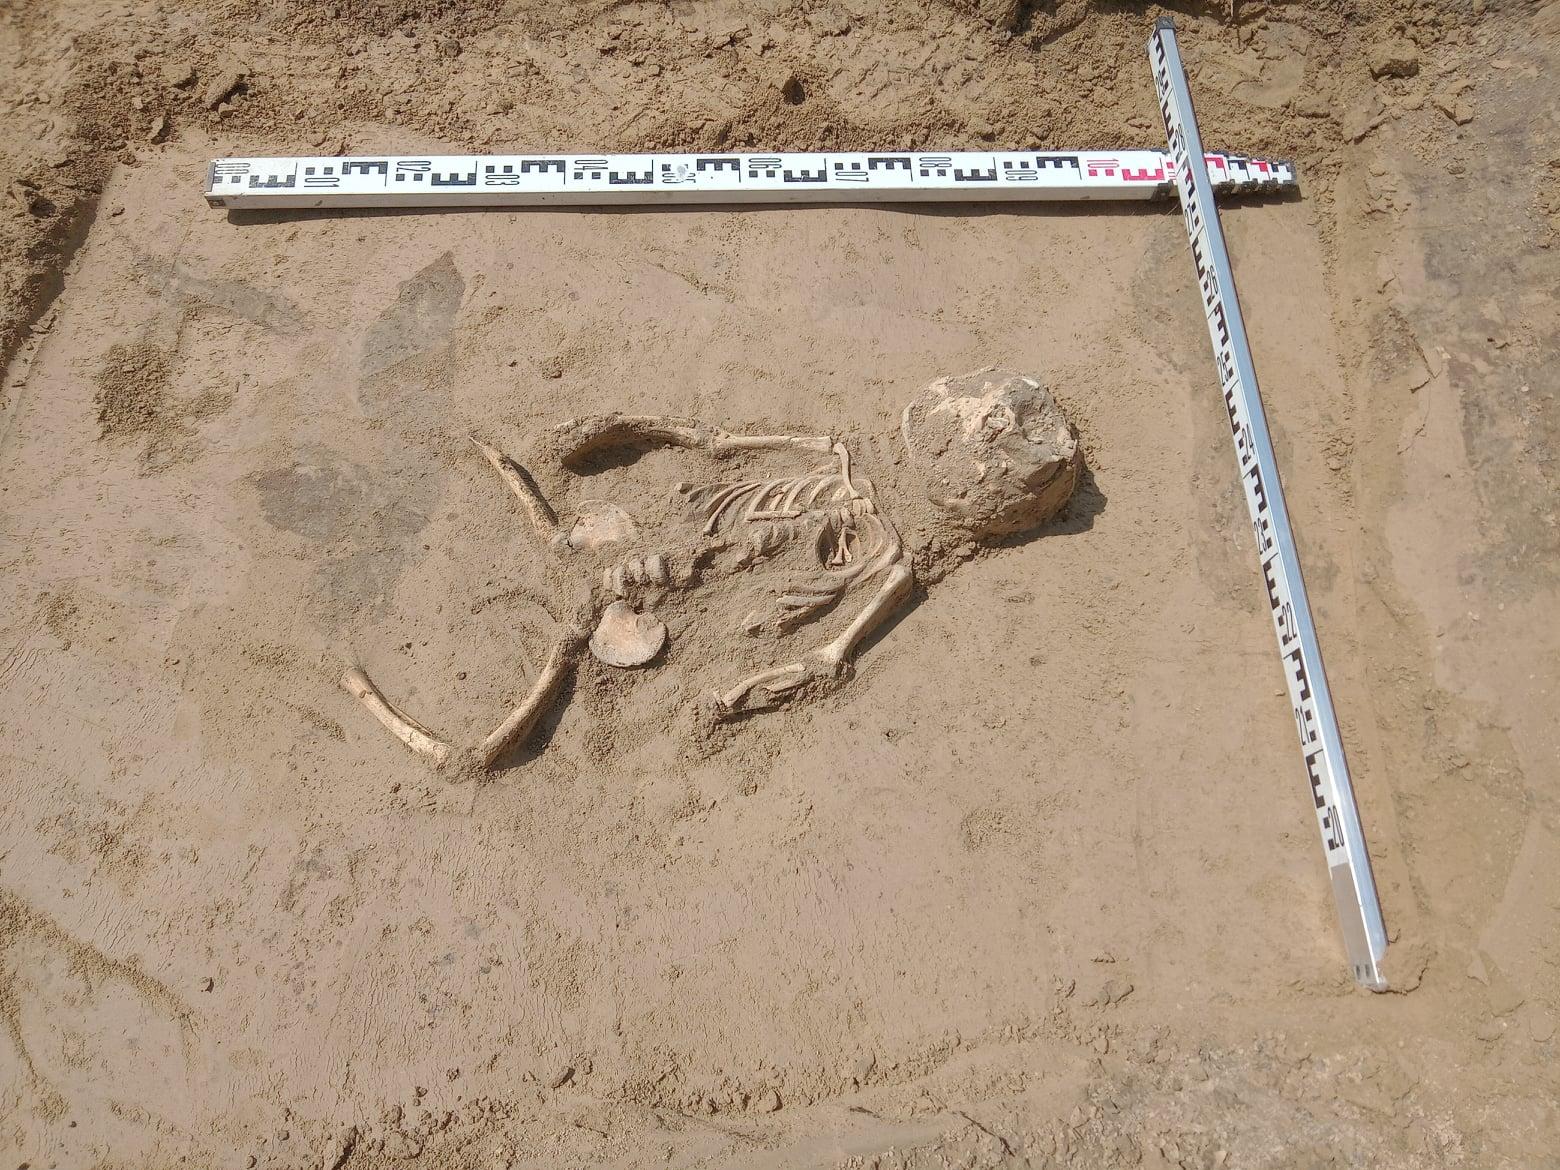 Niezwykłe odkrycie w Kazimierzu Dolnym. Znaleziono ludzkie szczątki - Zdjęcie główne